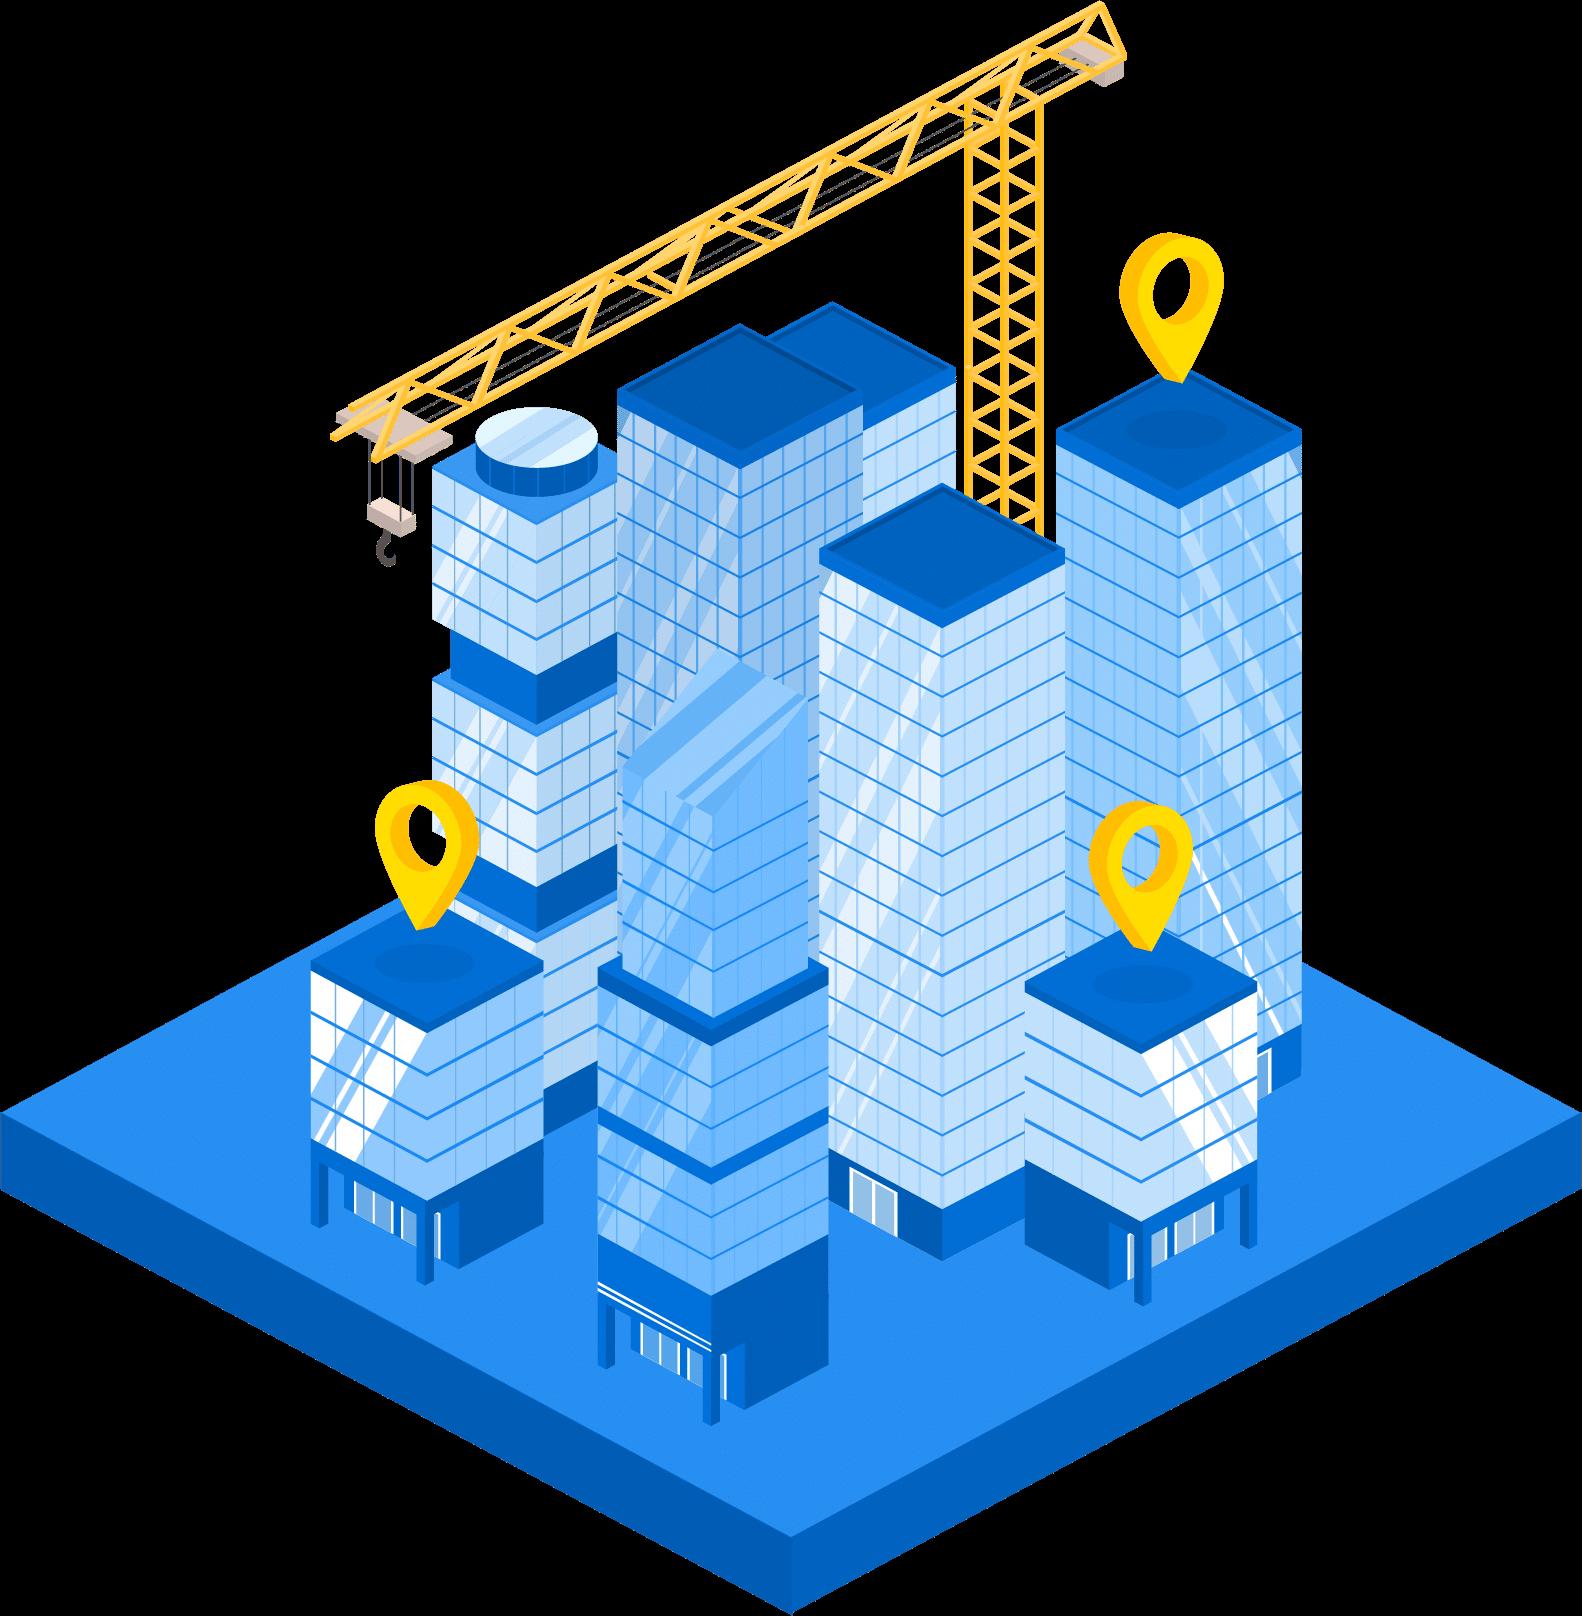 Le géospatial au service de l'immobilier